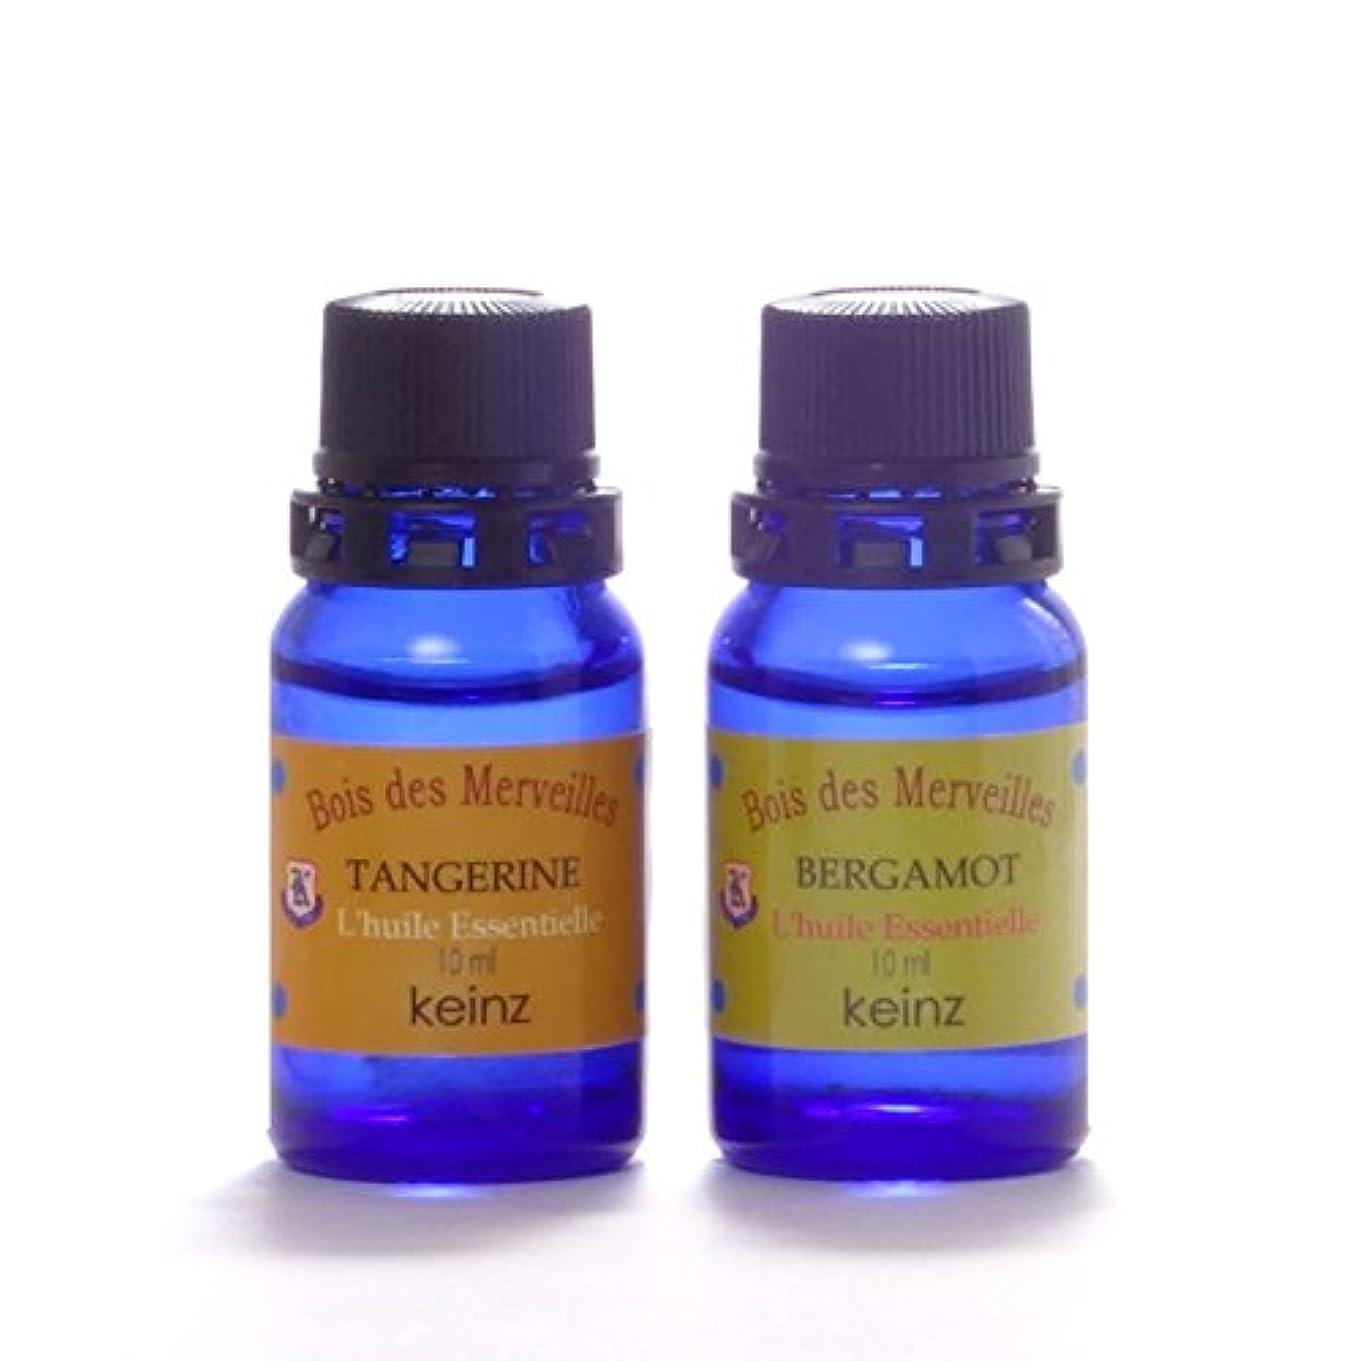 今後給料大いにkeinzエッセンシャルオイル「タンジェリン10ml&ベルガモット10ml」2種1セット ケインズ正規品 製造国アメリカ 水蒸気蒸留法による100%無添加精油 人工香料は使っていません。